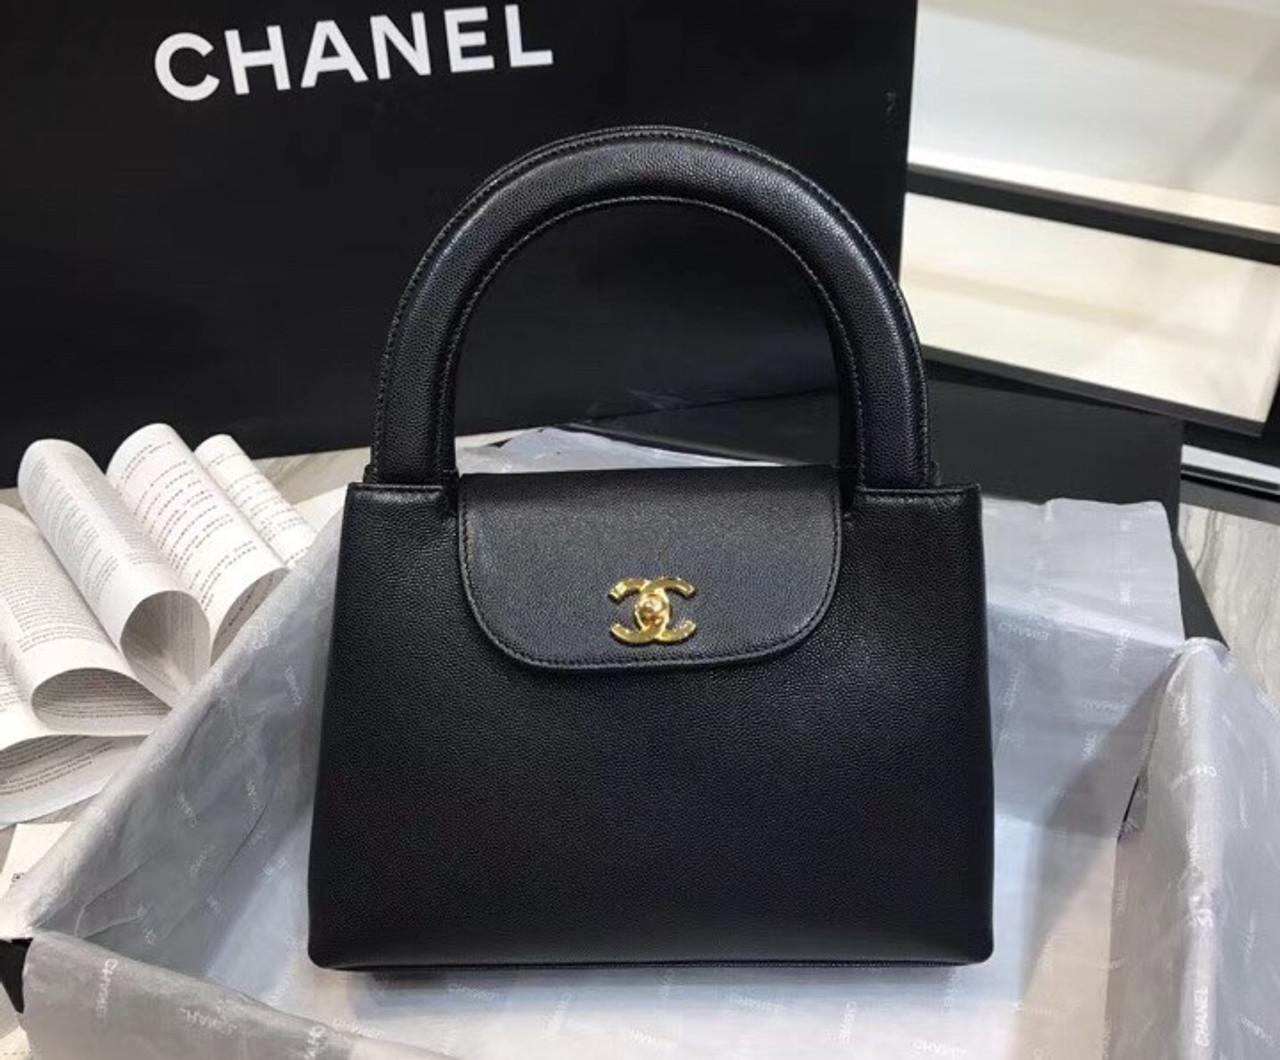 b4e094c78e9f Chanel Retro top handle bag - Bella Vita Moda